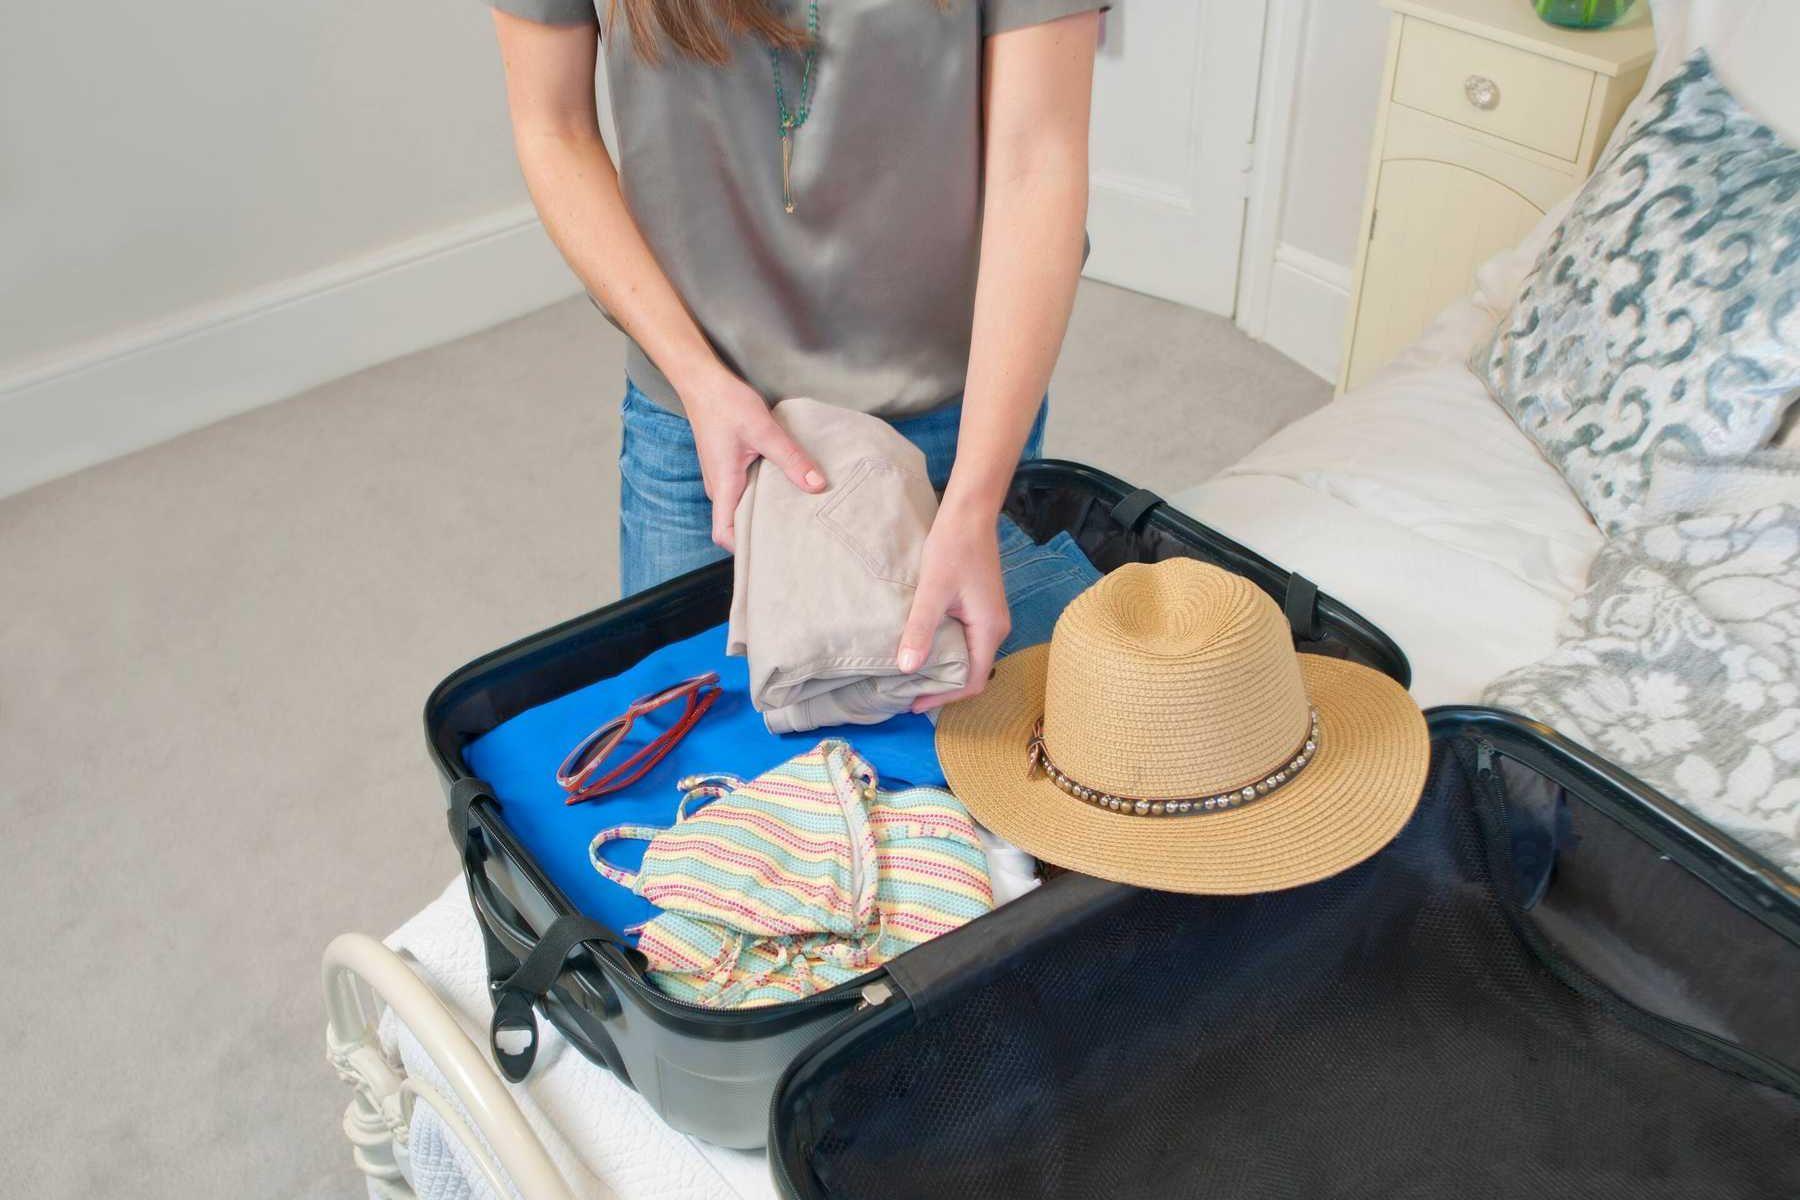 Du lịch nước ngoài cần chuẩn bị những gì?